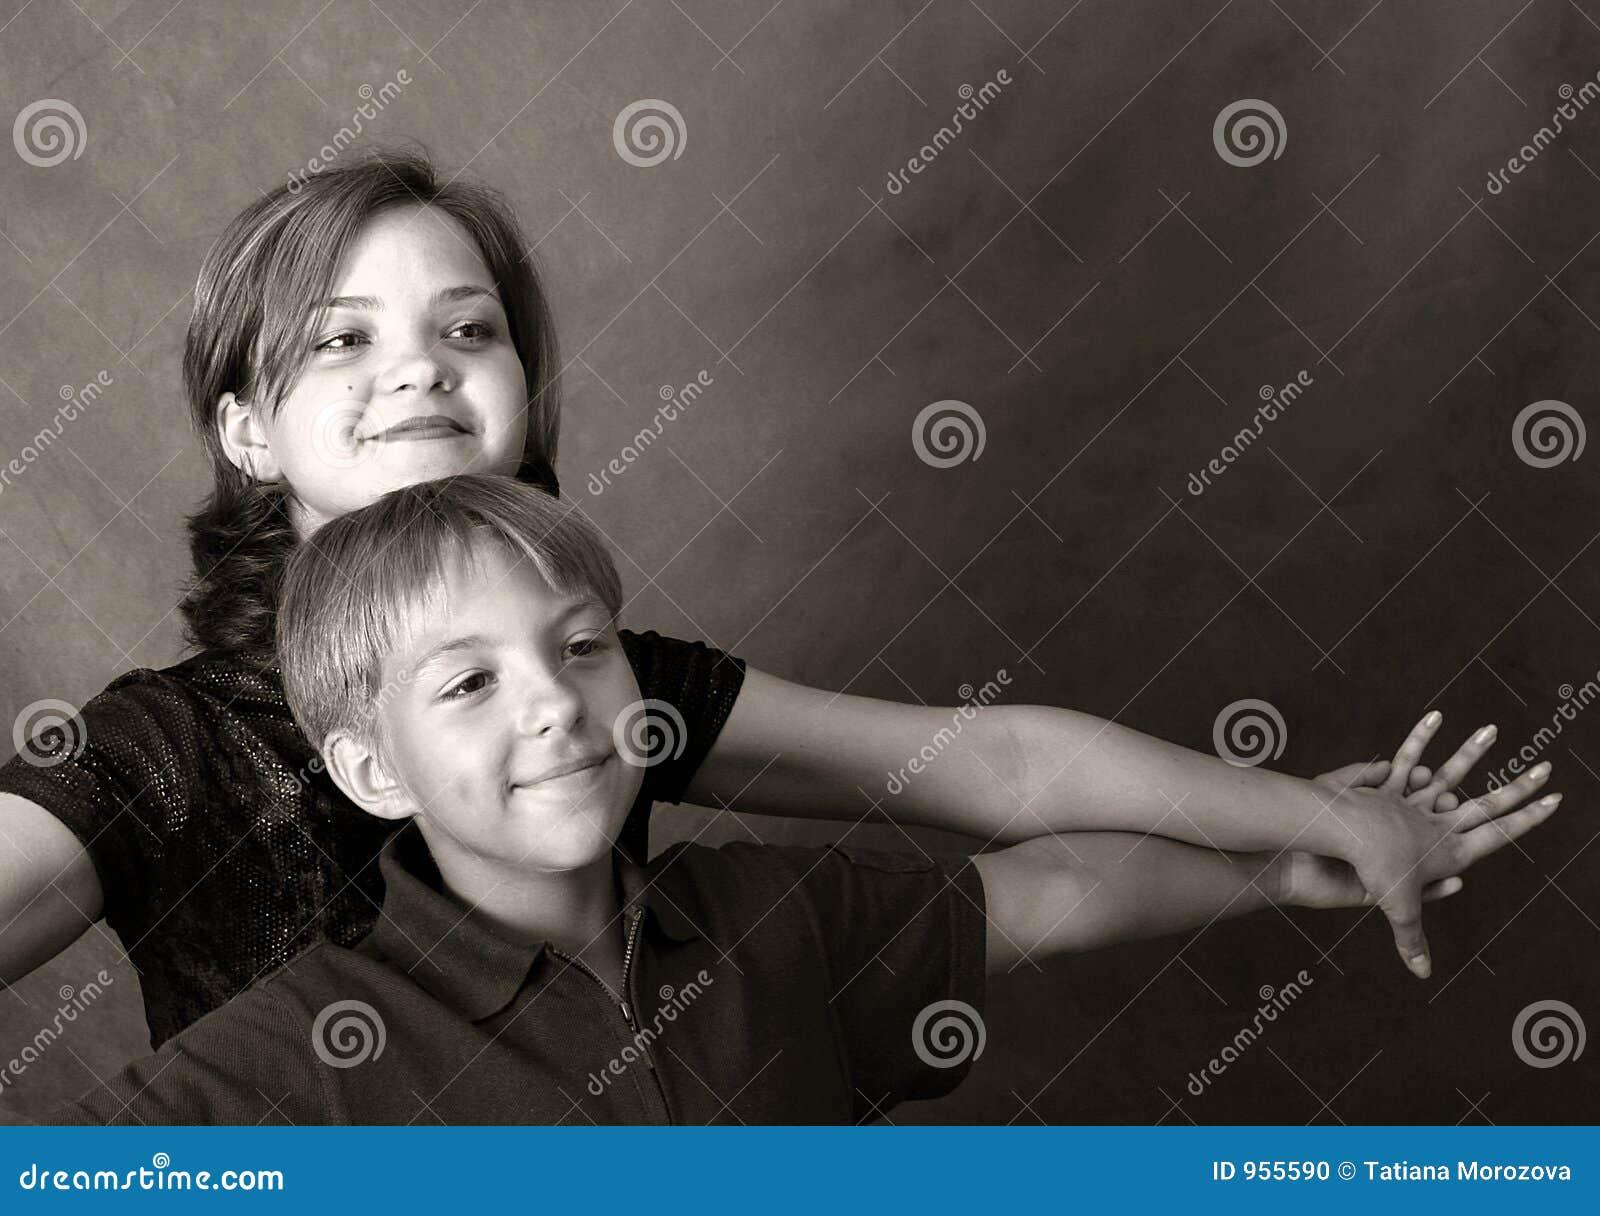 Video sexual de la tía y la sobrina